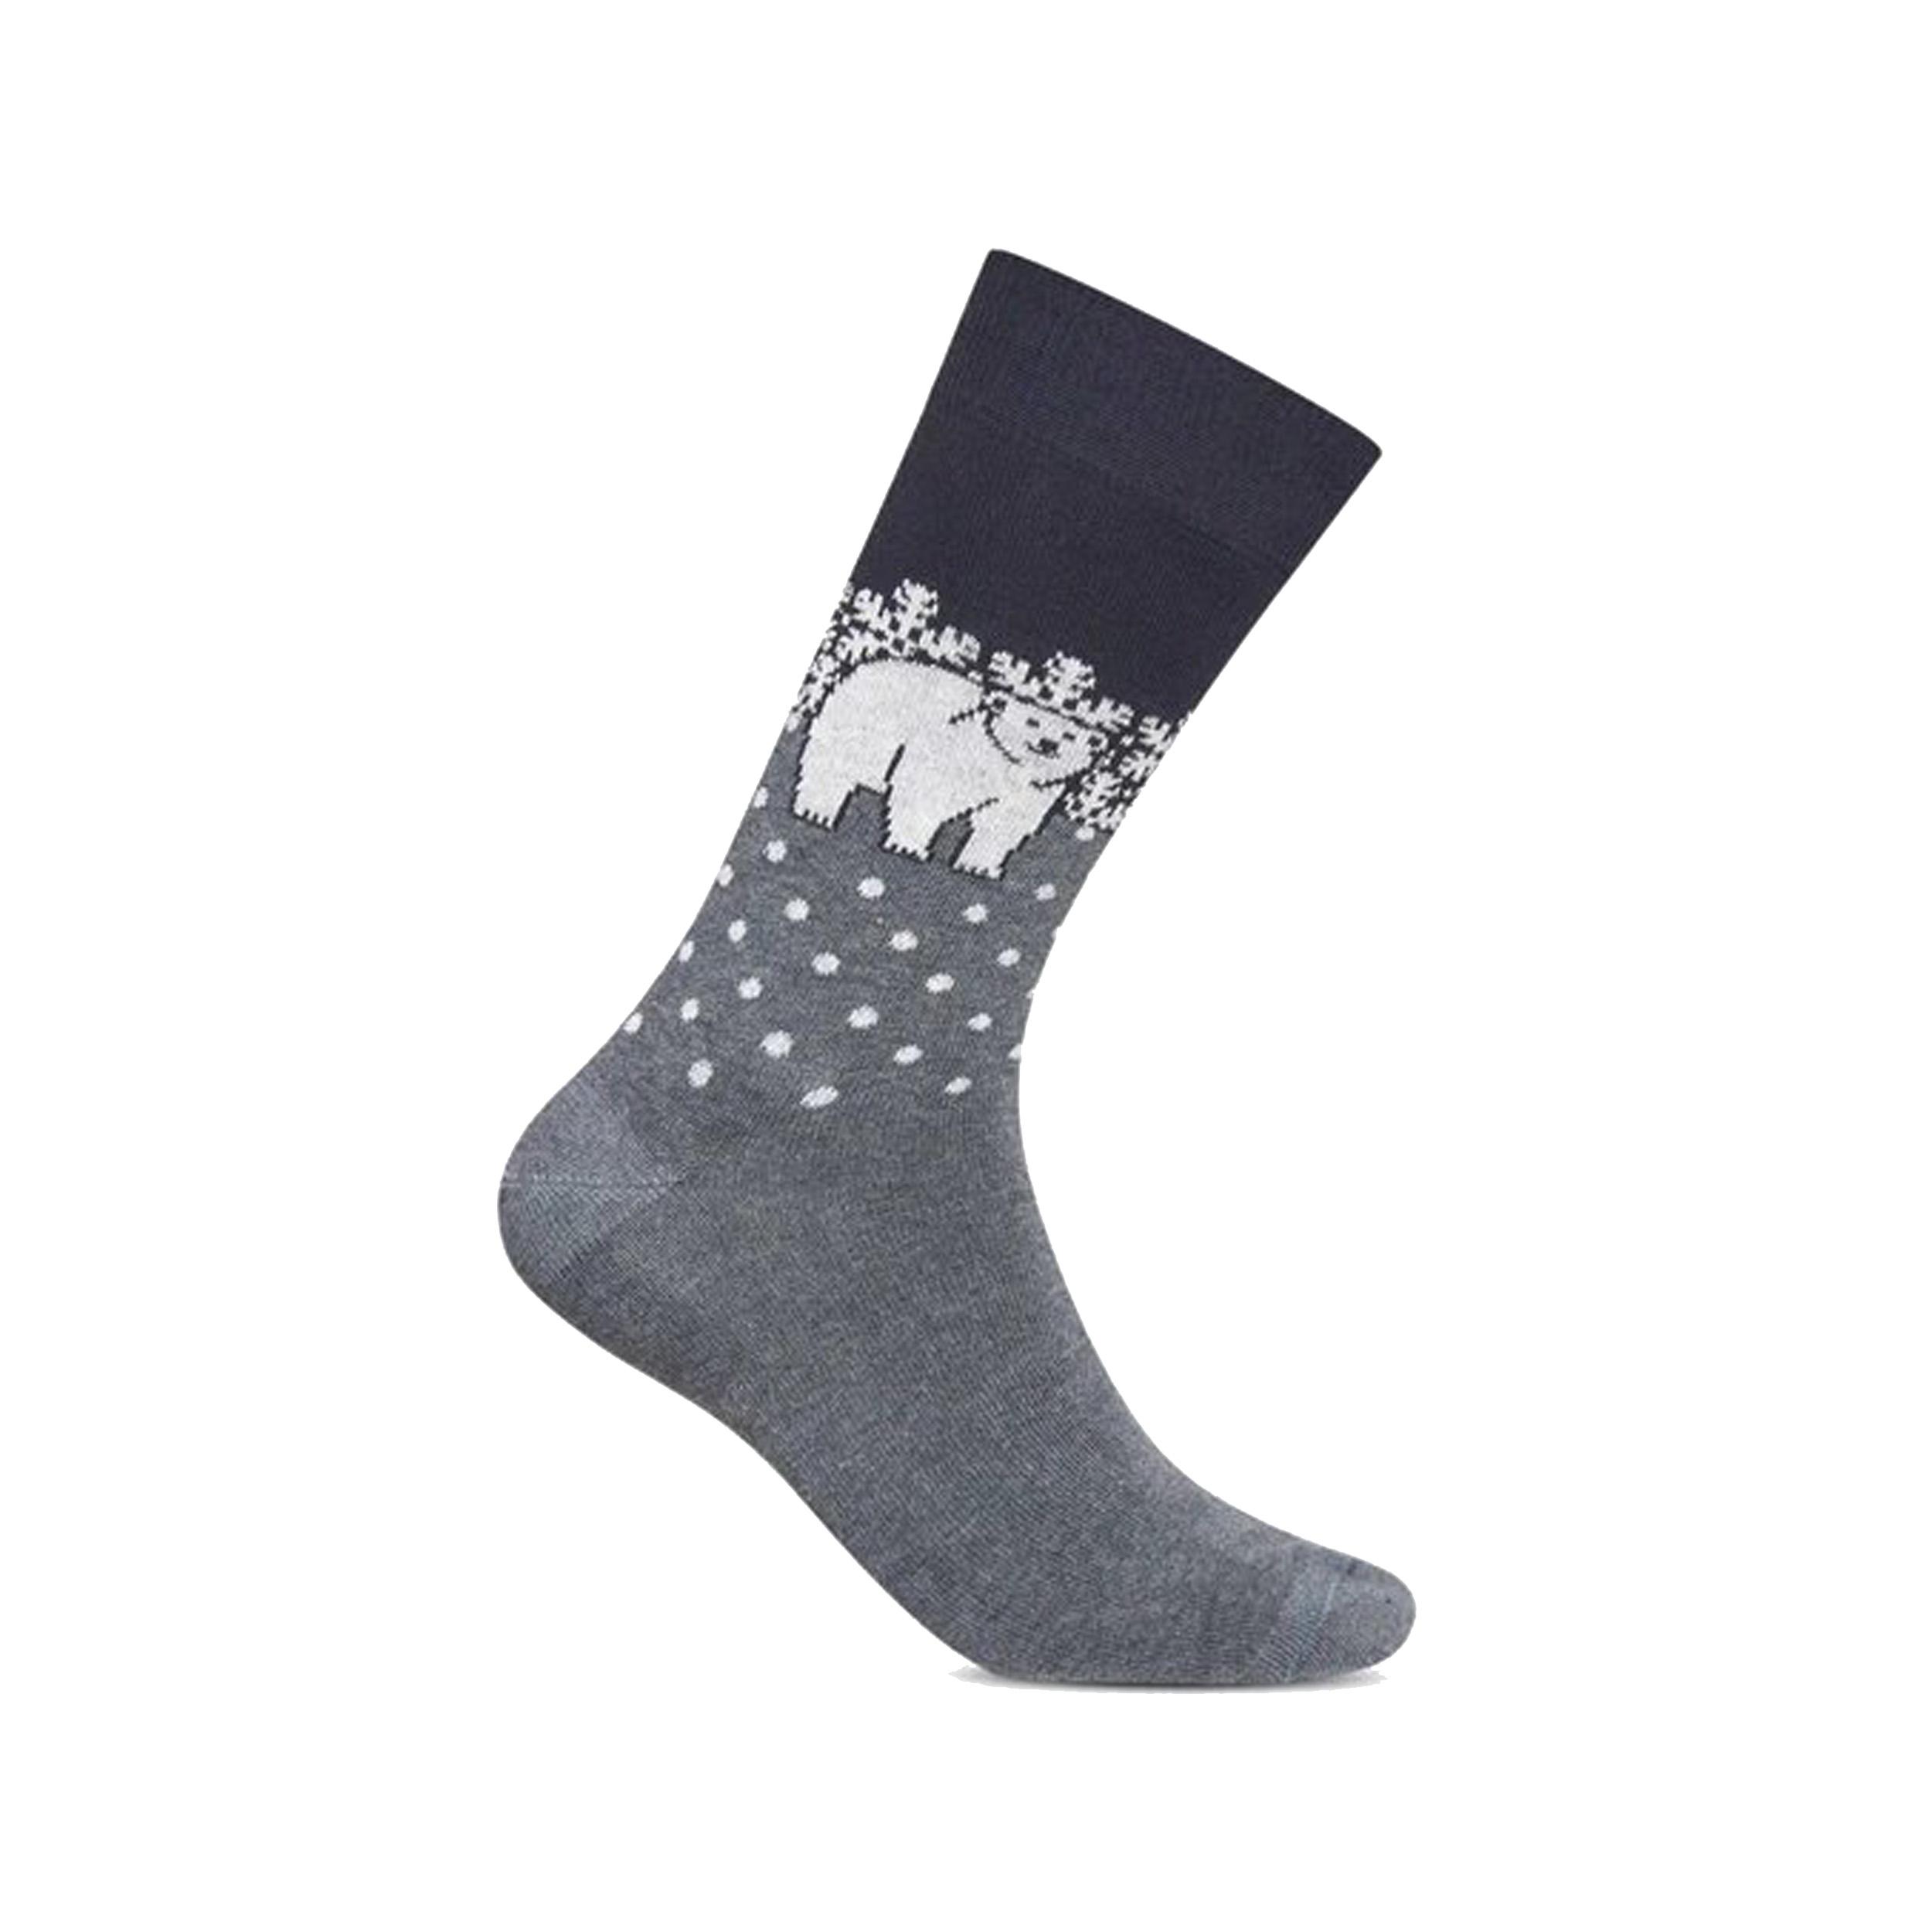 Chaussettes  en coton mélangé gris anthracite à motifs ours blanc